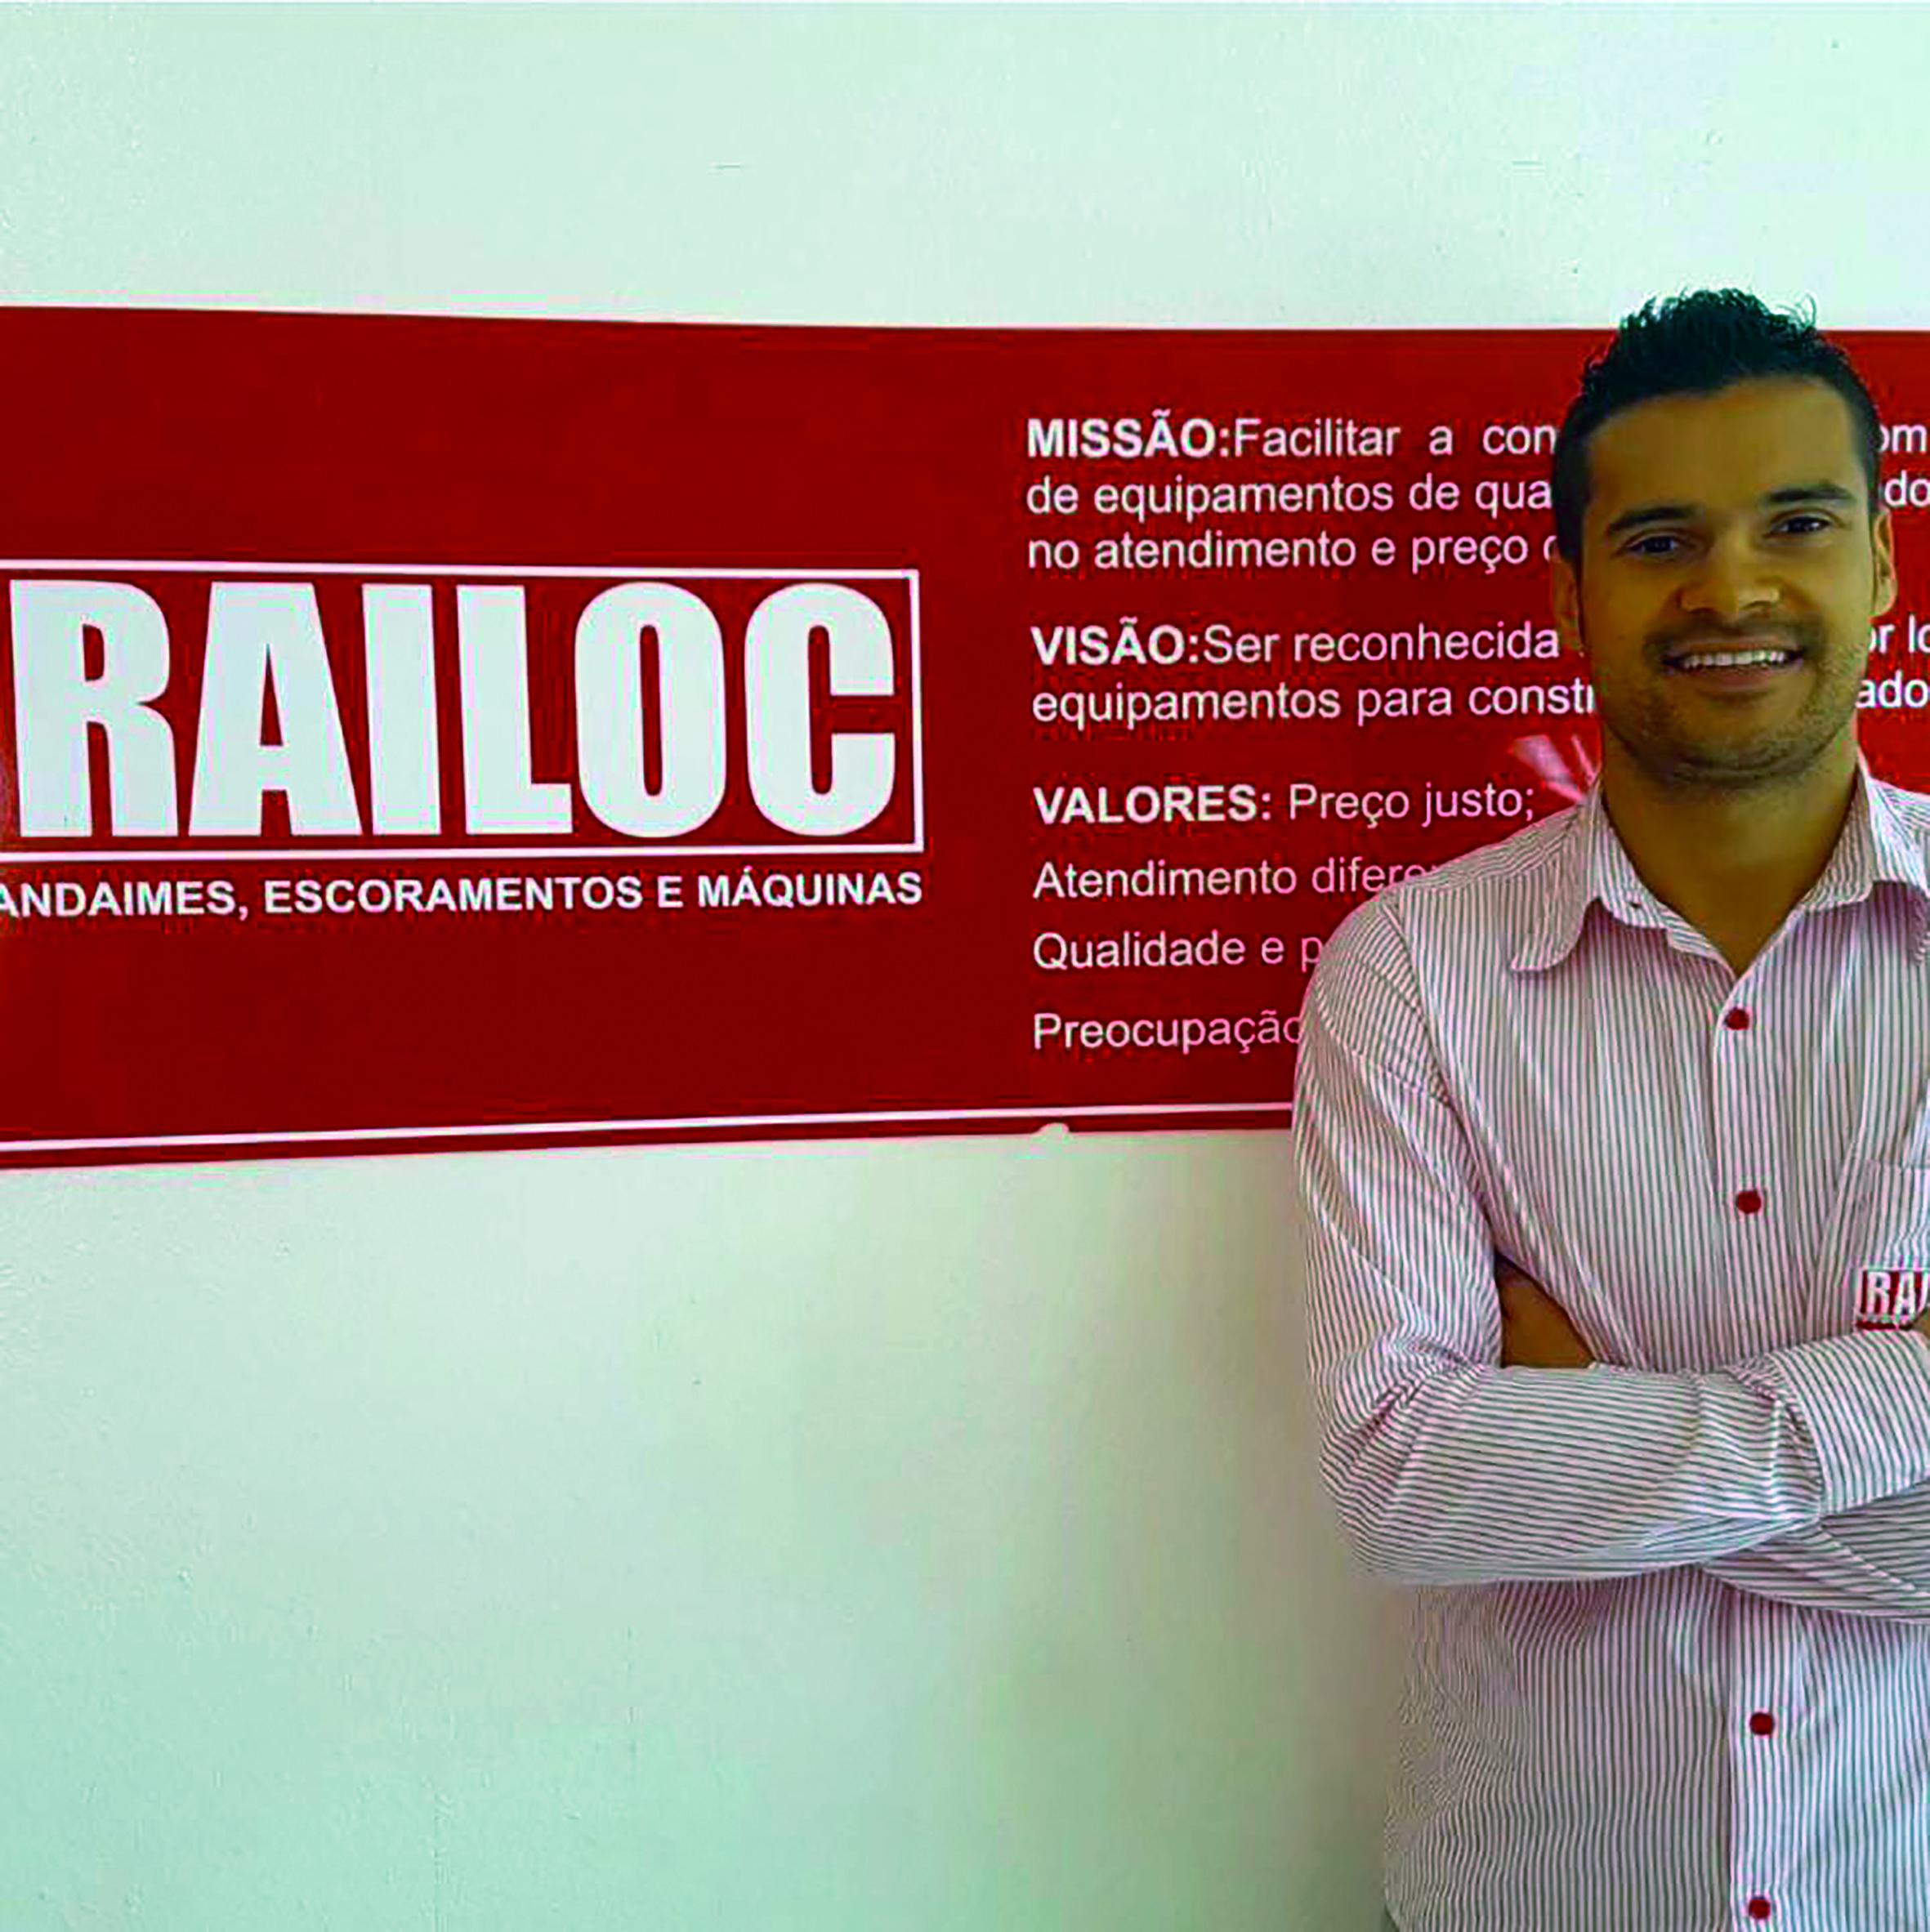 Por trás de uma das marcas mais conhecidas de Sete Lagoas, a RAILOC (aquela vermelhinha), está o jovem e ousado empresário Rainério Avelar de Souza, que acaba de concluir o curso de Mestrado em Administração pela faculdade de Pedro Leopoldo.